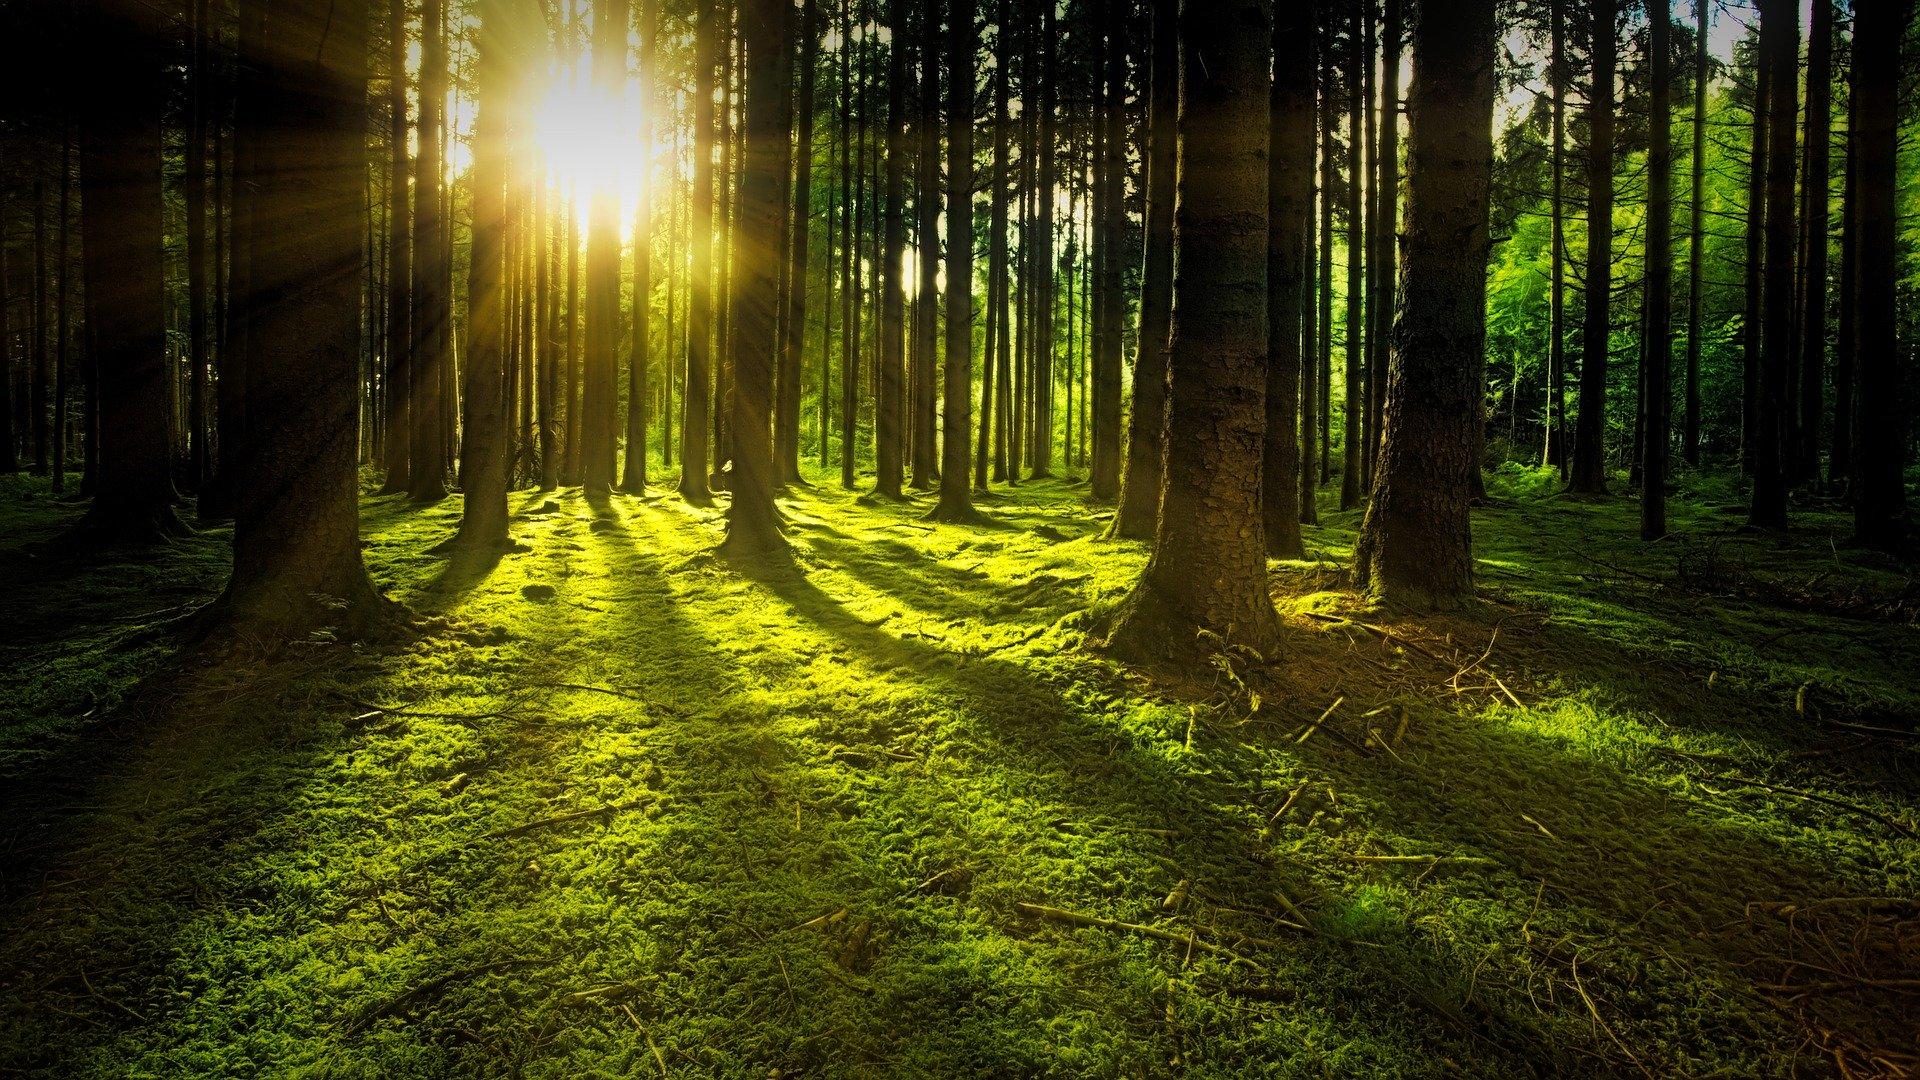 Ins Kino gehen und Bäume pflanzen...